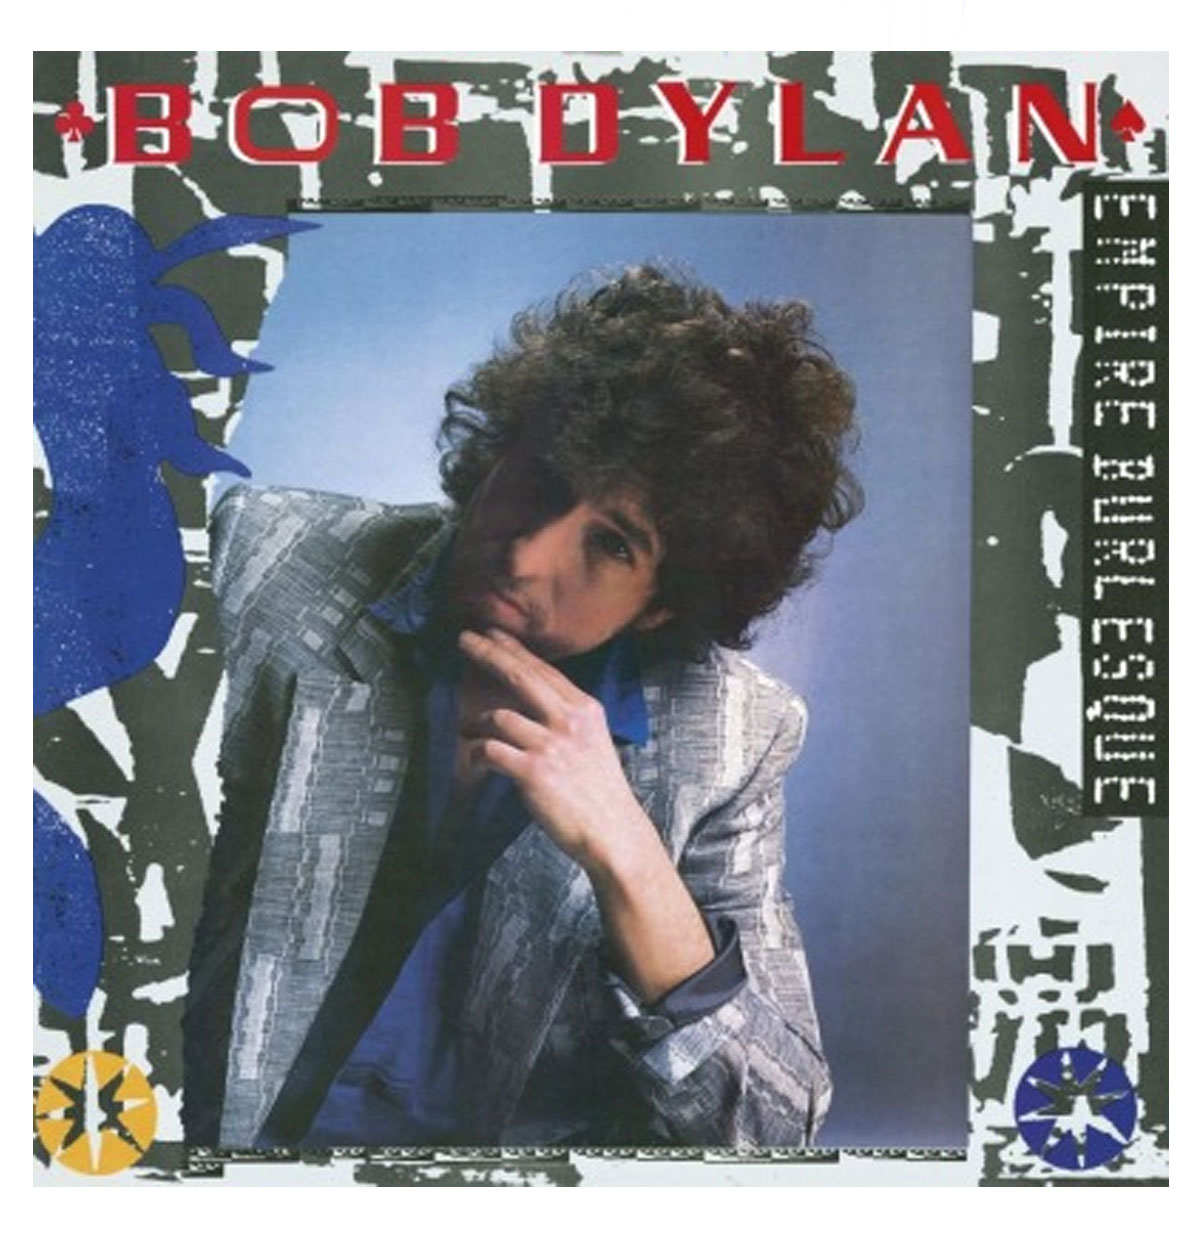 Bob Dylan - Empire Burlesque LP